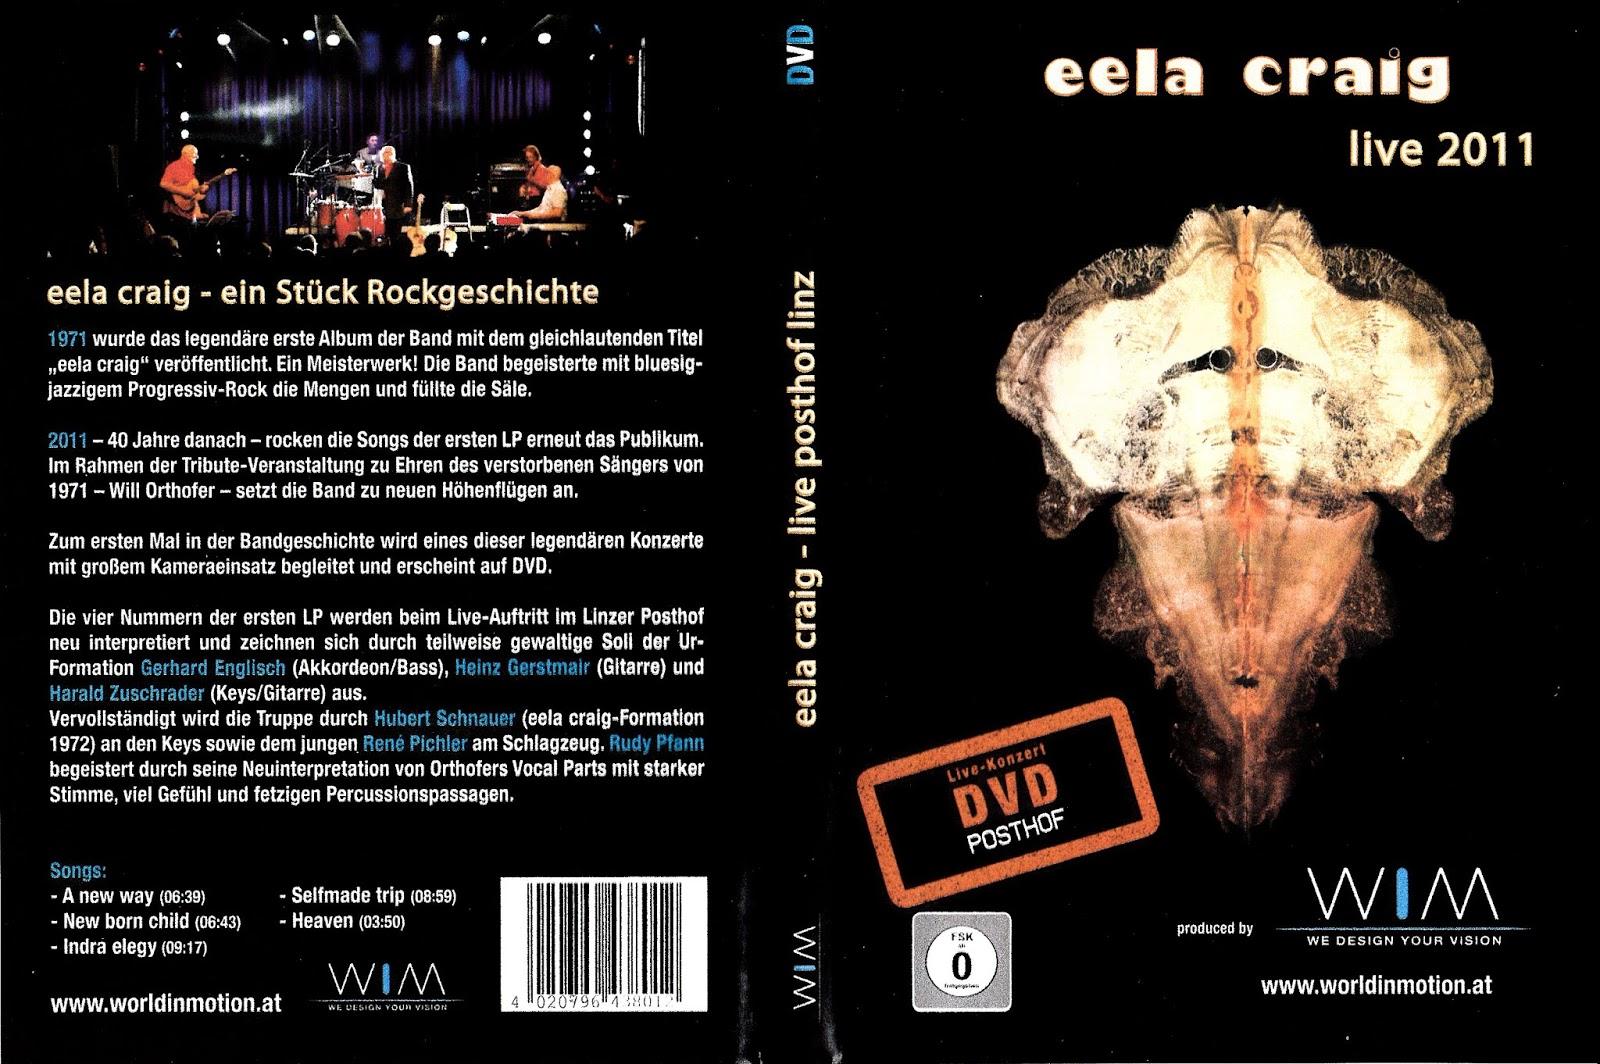 Musik von daham: EELA CRAIG LIVE 2011 (DVD)